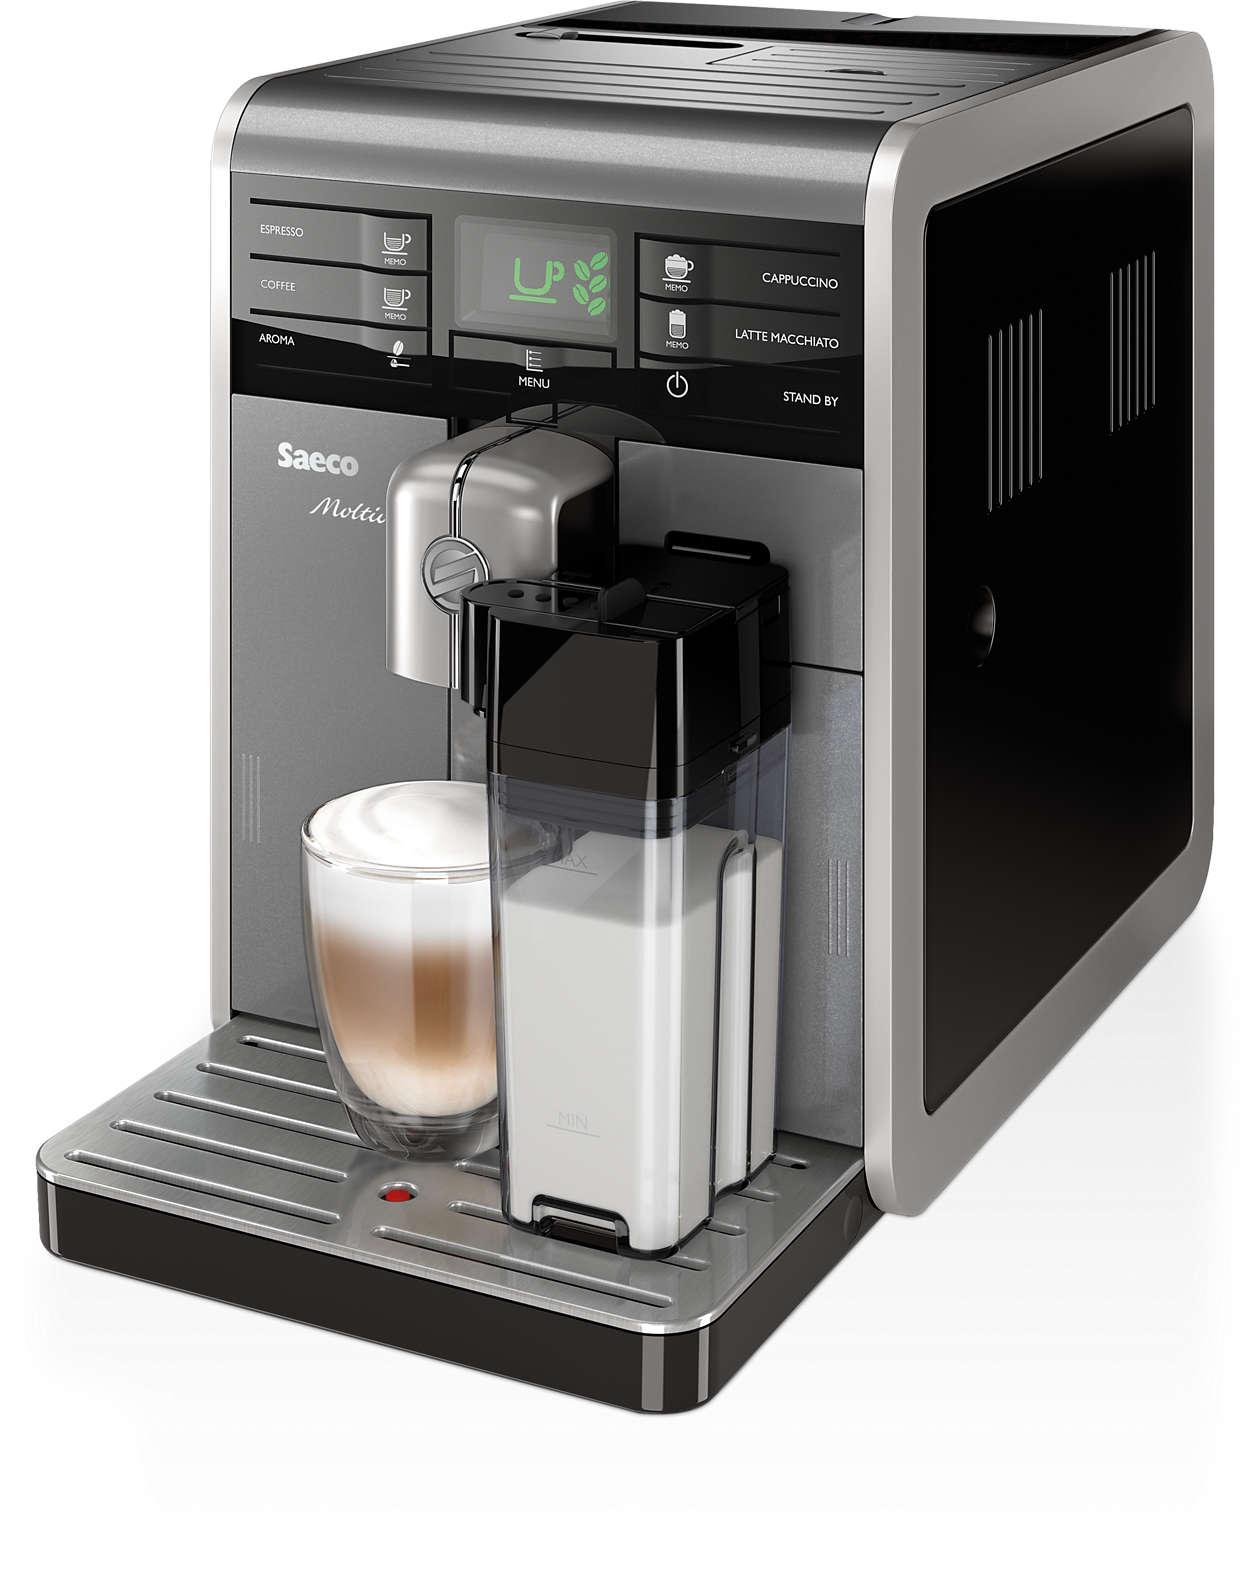 Každá chvilka si zaslouží chuť kávy